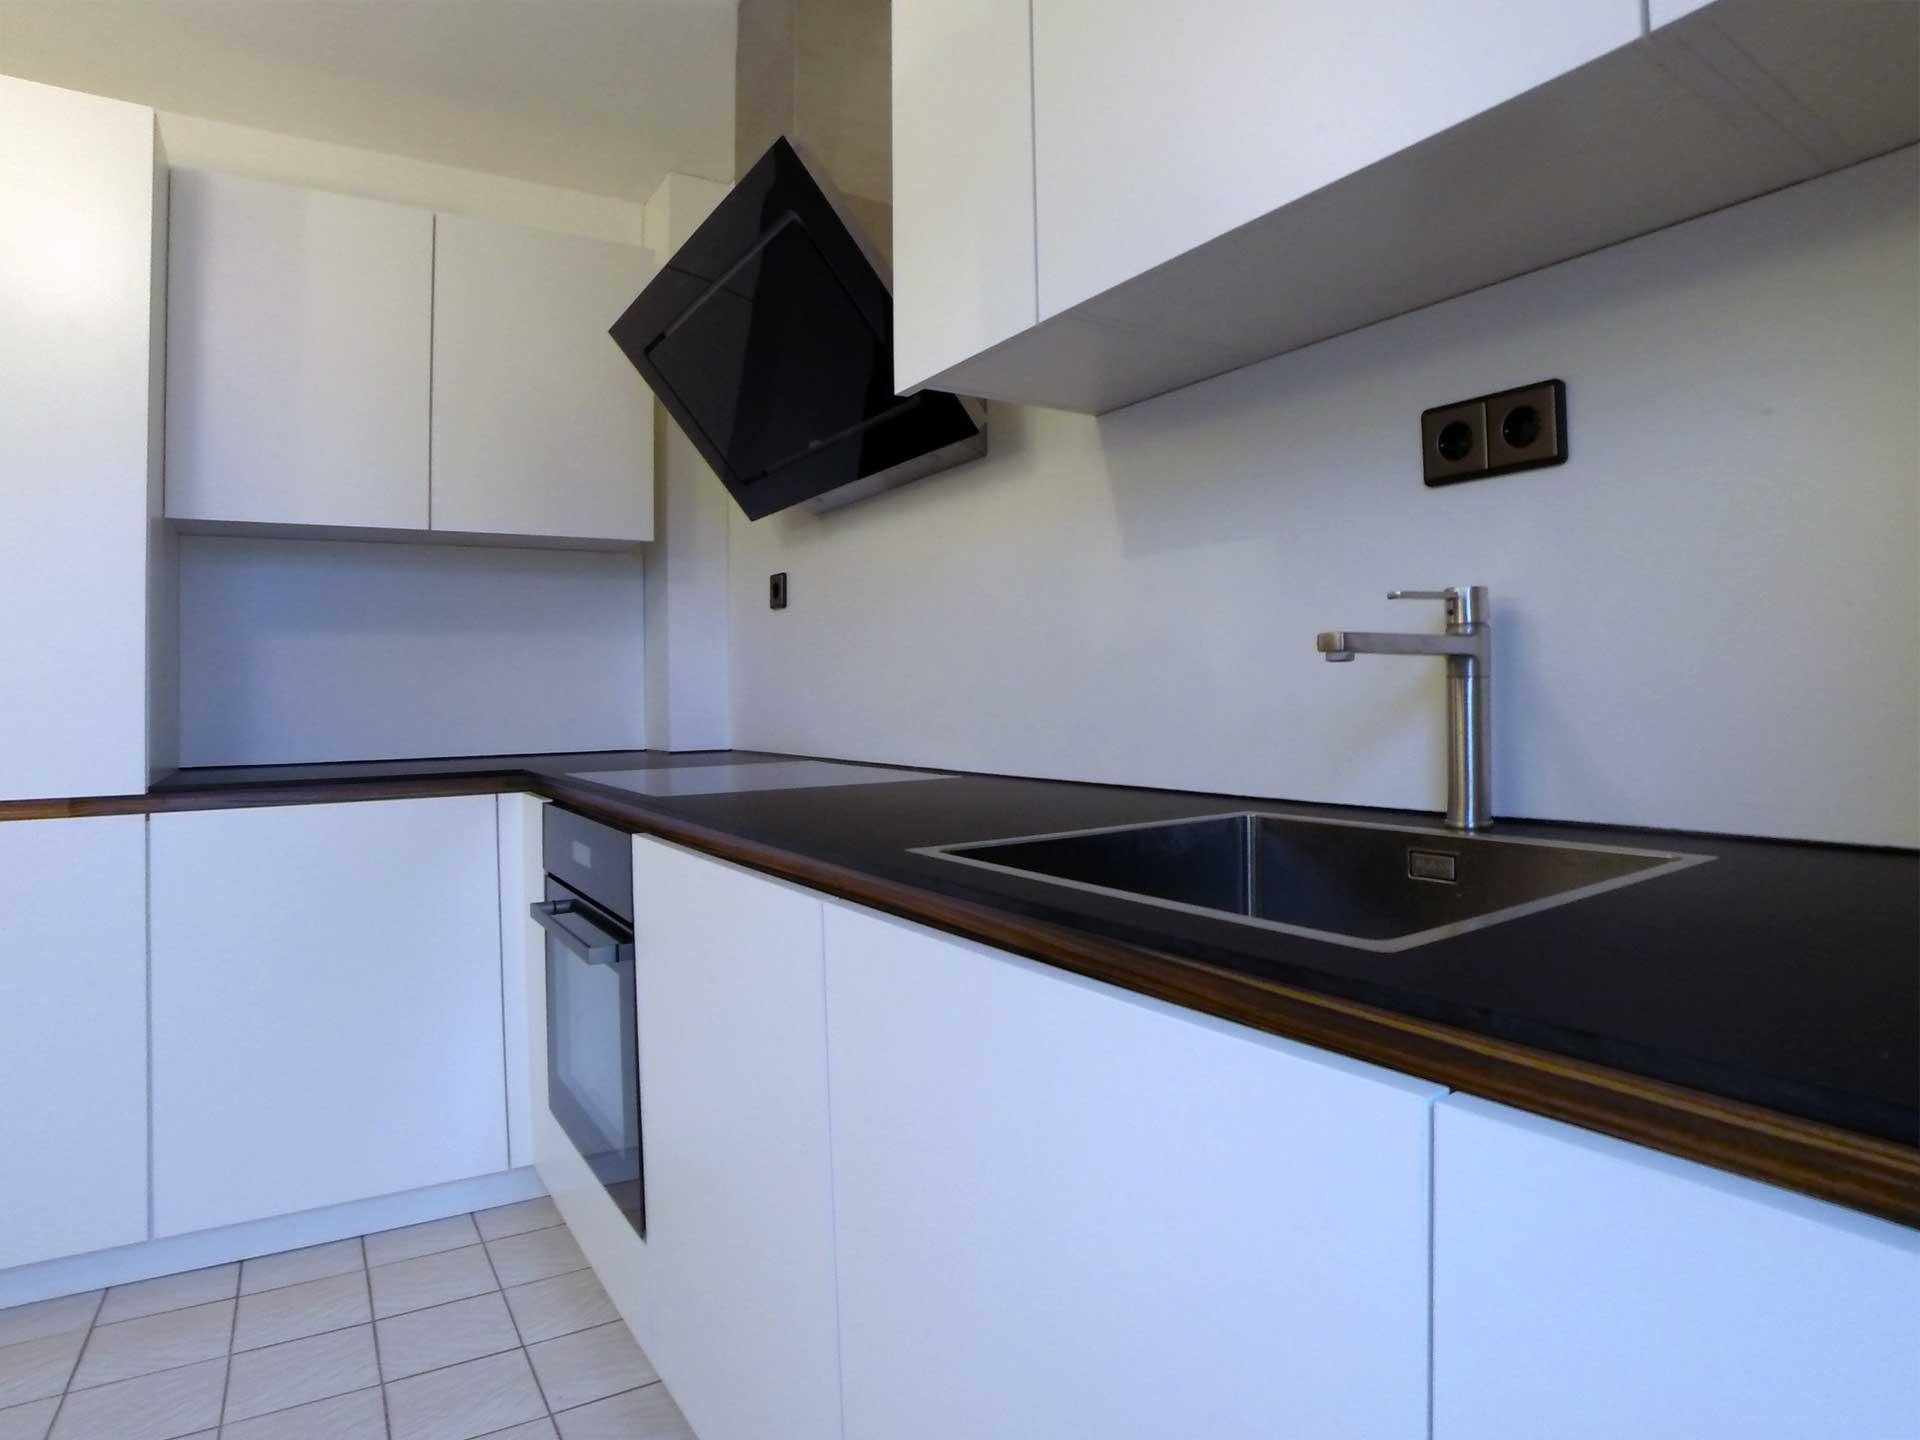 Küche matt weiß griflos mit matt schwarzer Arbeitsplatte und eingelassenem Kochfeld und Spüle